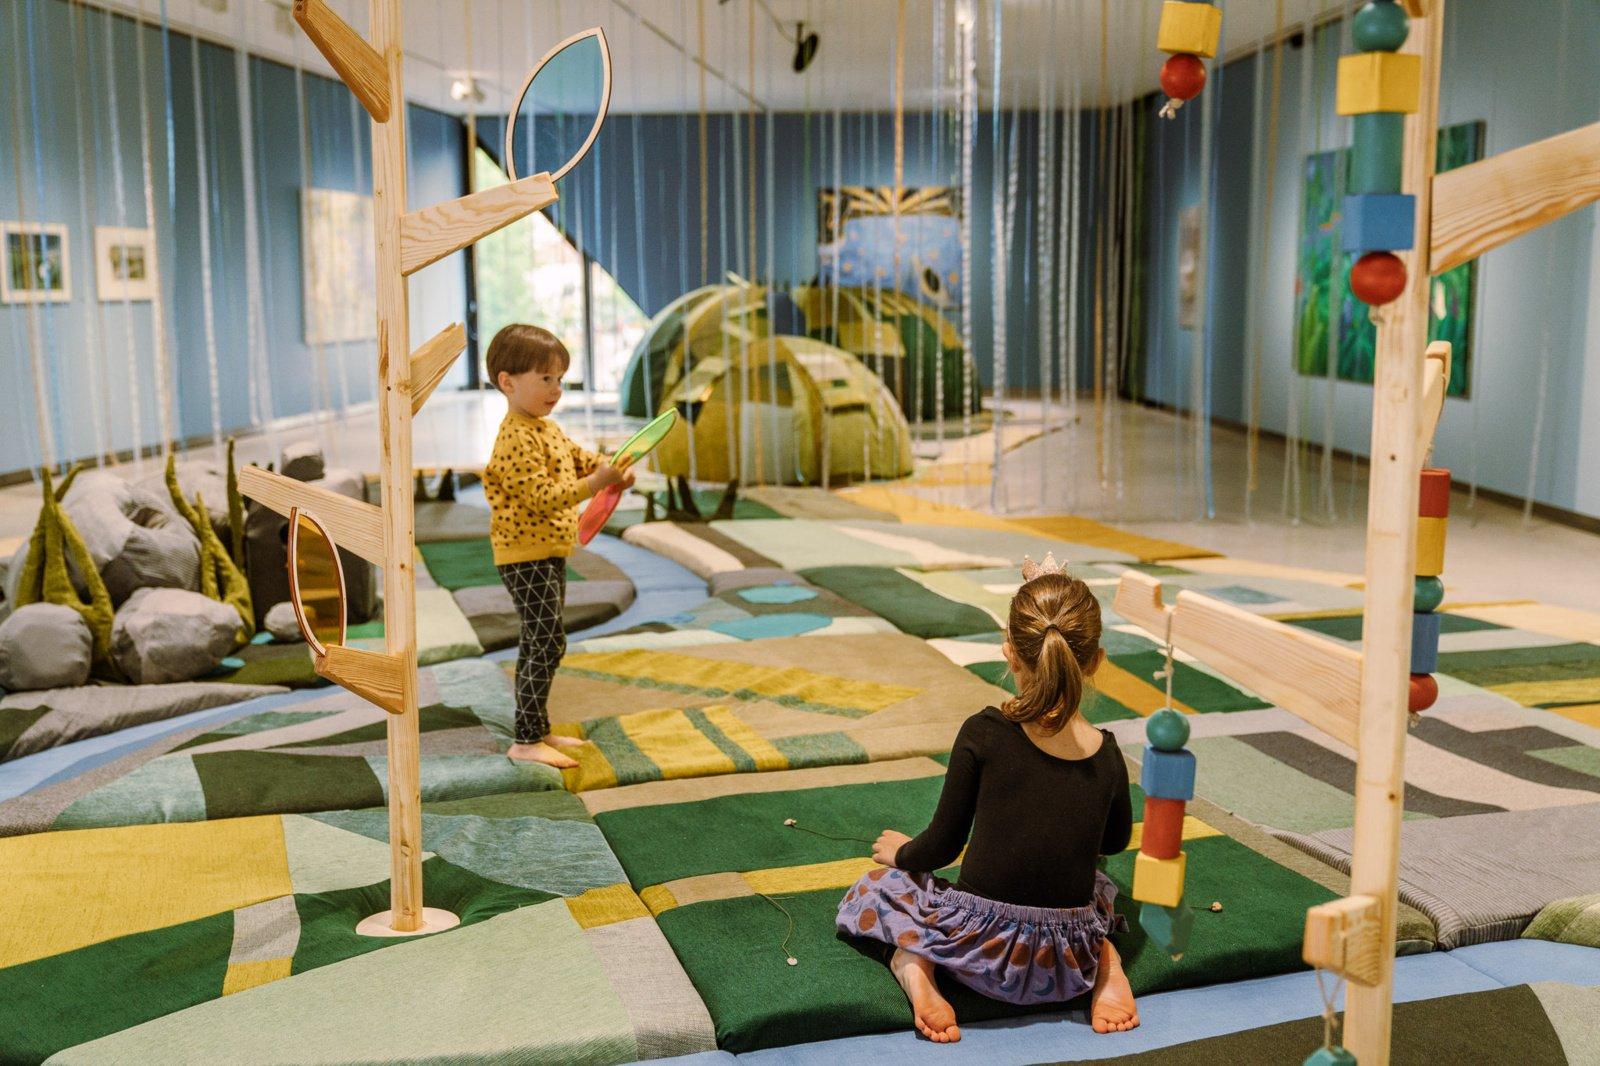 MO muziejuje pristatoma paroda vaikams kviečia juos nerti į meno pažinimą